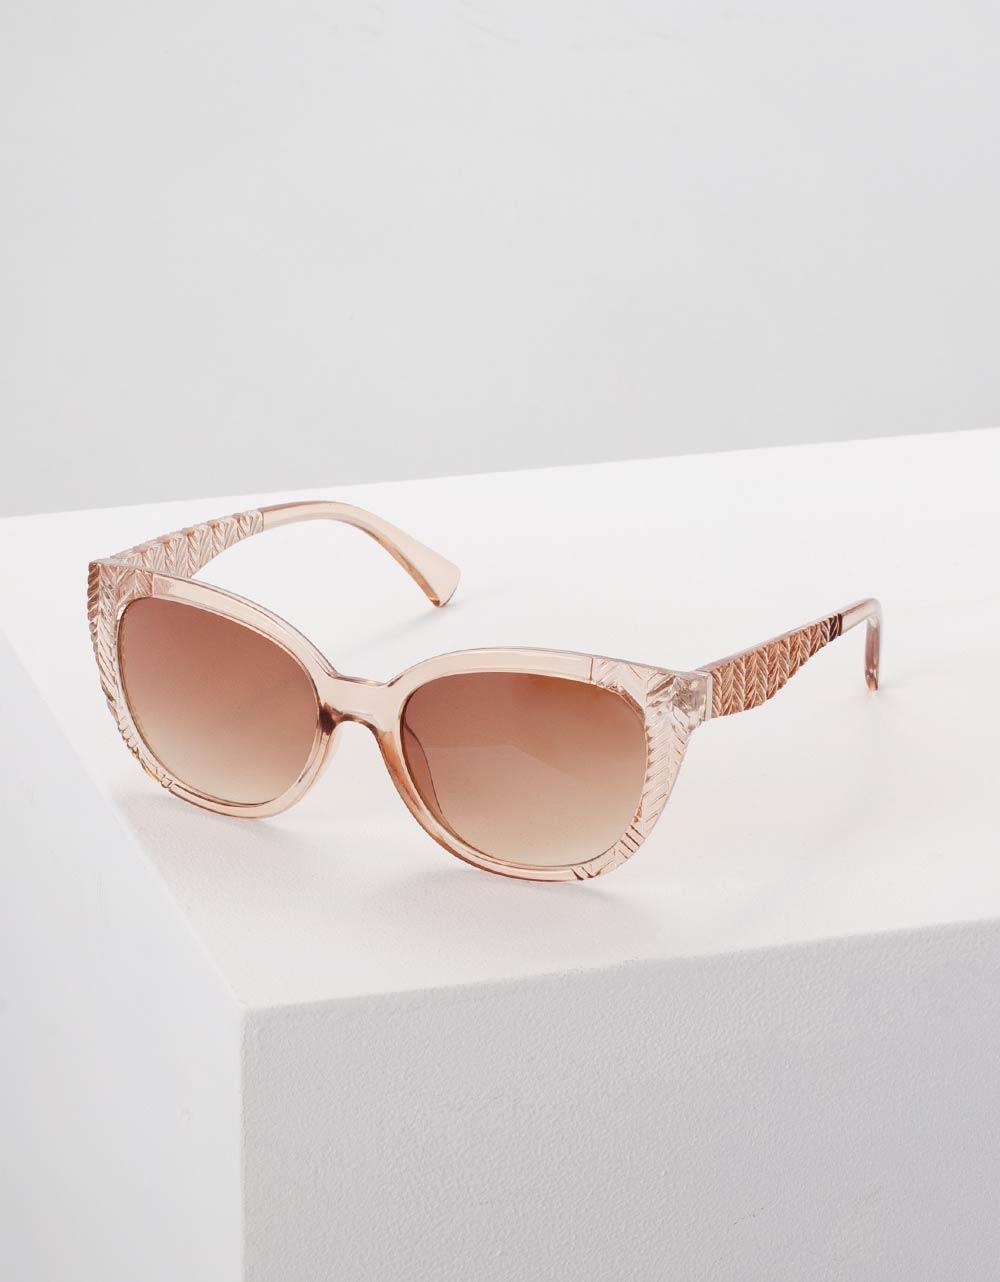 Εικόνα από Γυναικεία γυαλιά ηλίου με ανάγλυφες λεπτομέρειες Μπεζ